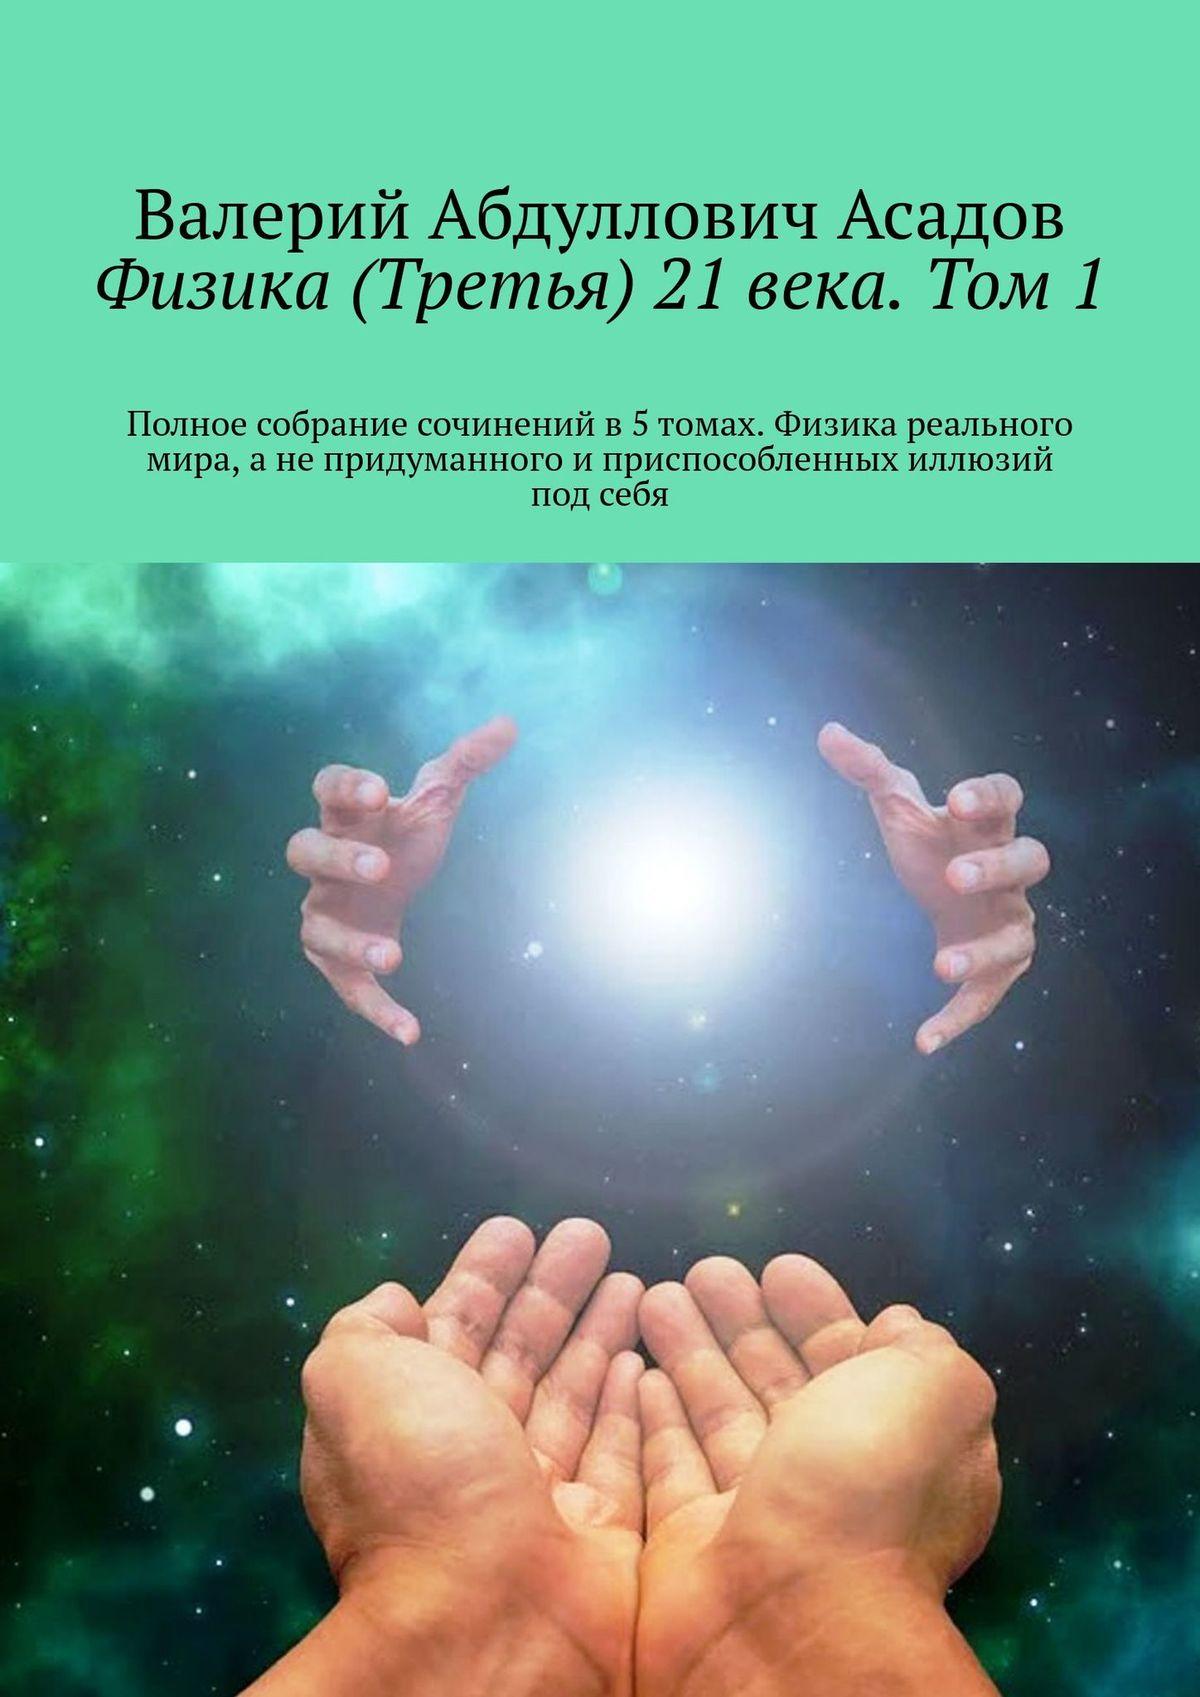 Валерий Абдуллович Асадов Динамическая временная физика. Эта физика является только частью, более общей Метафизике времени владимир неволин квантовая физика и нанотехнологии